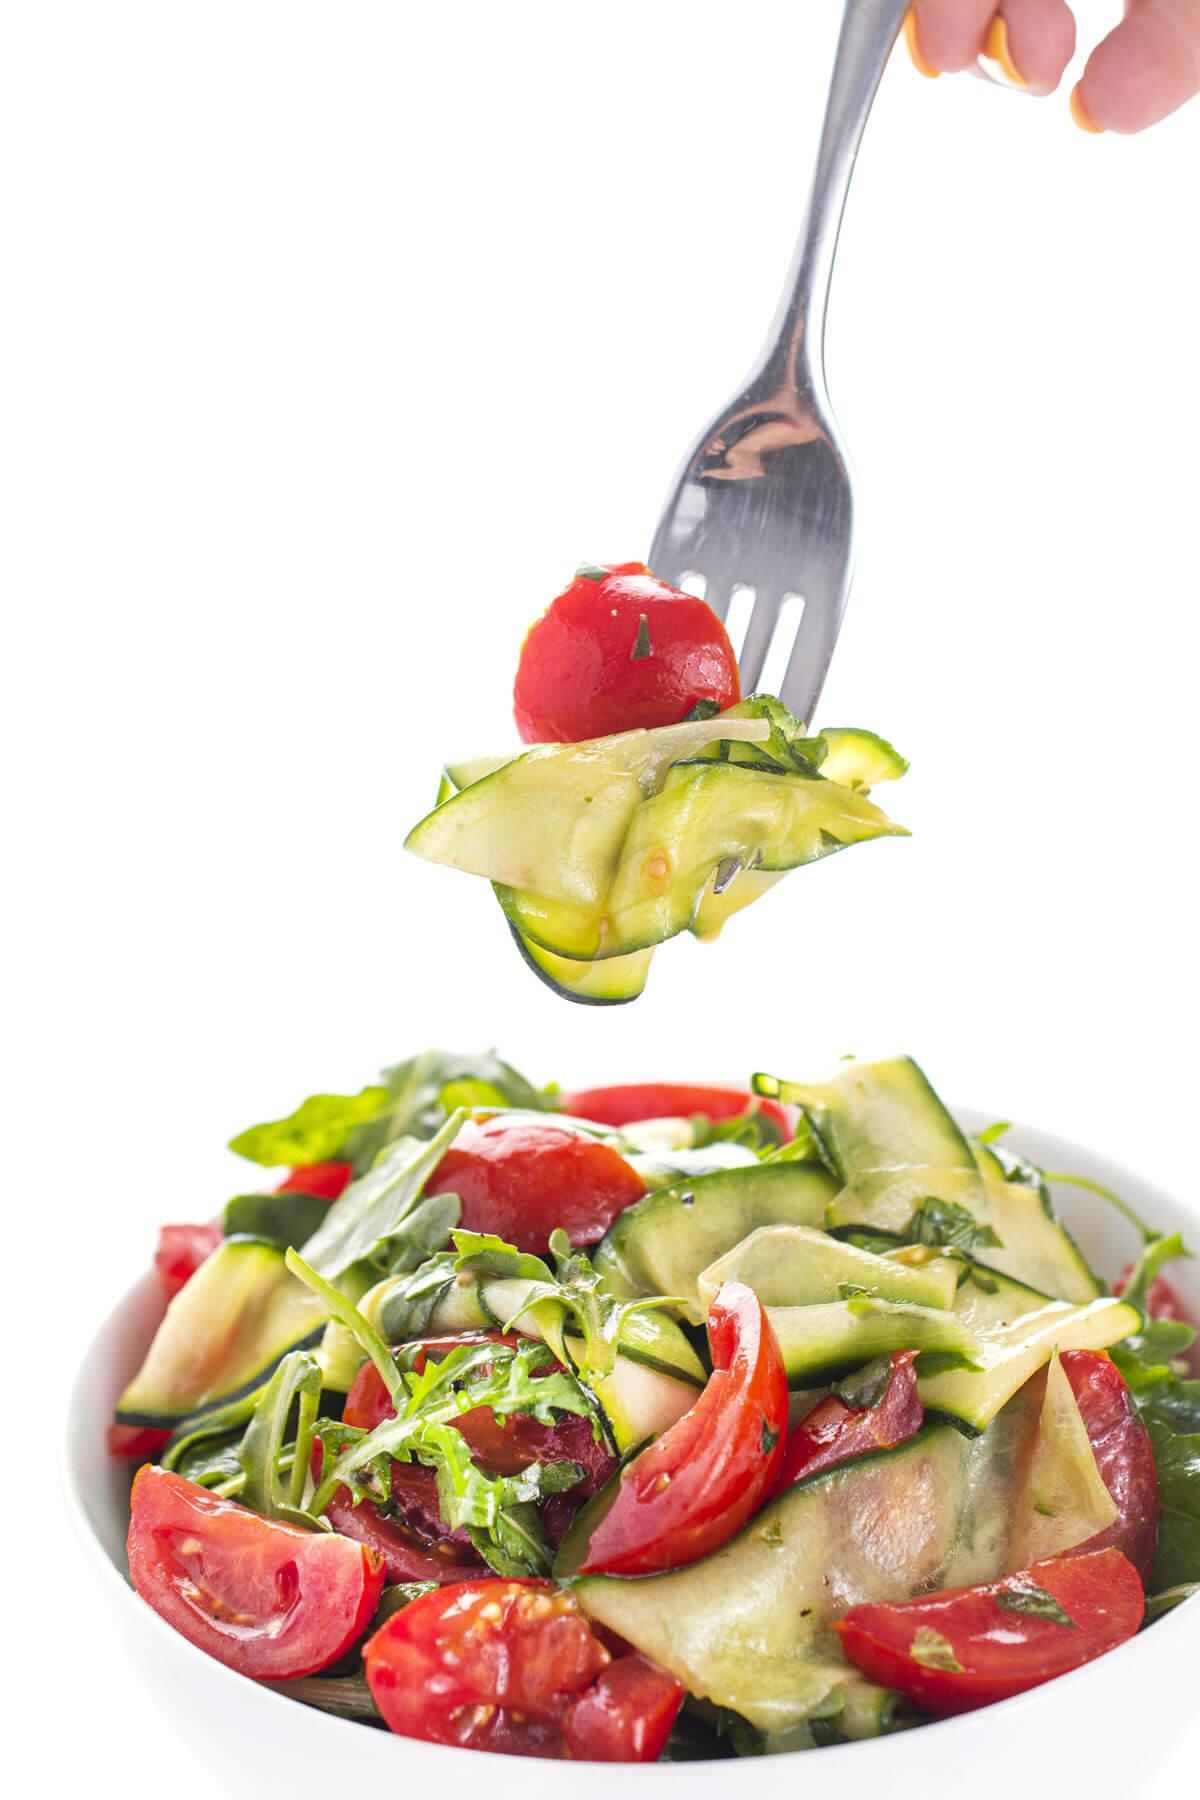 Cucumber Zucchini Salad Recipe in a bowl